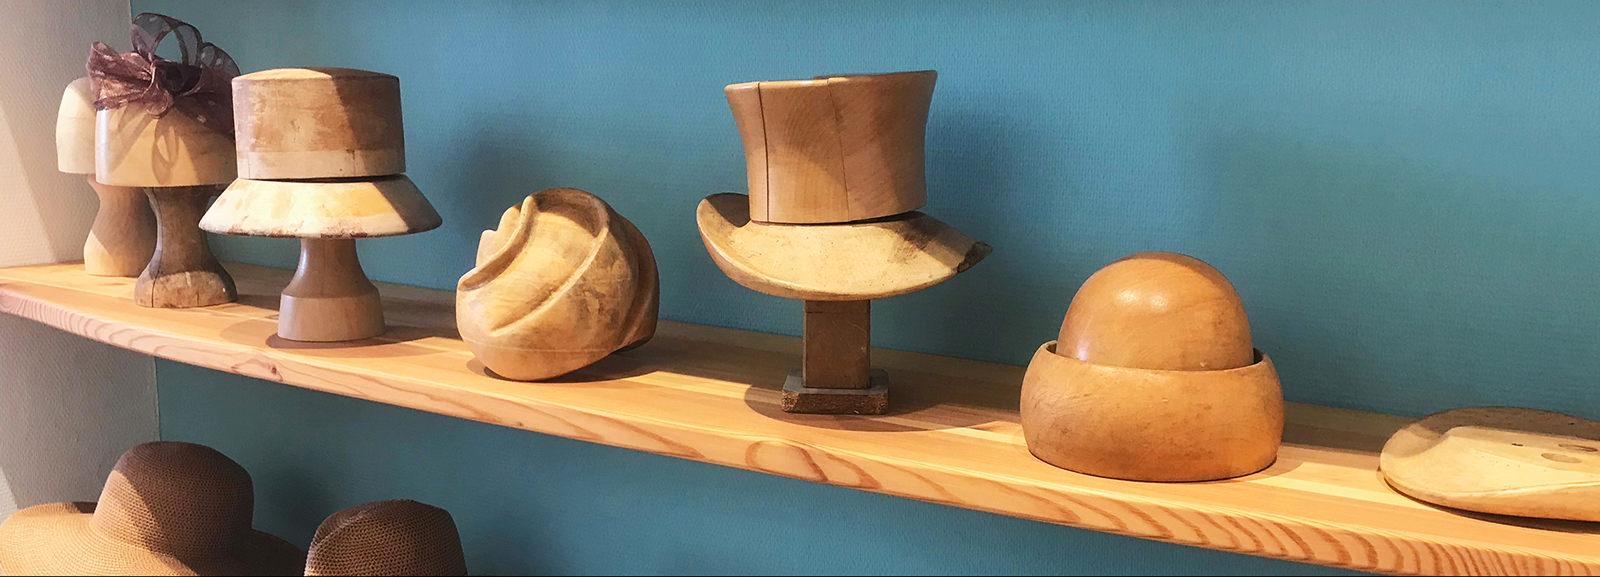 Hutformen im Regal